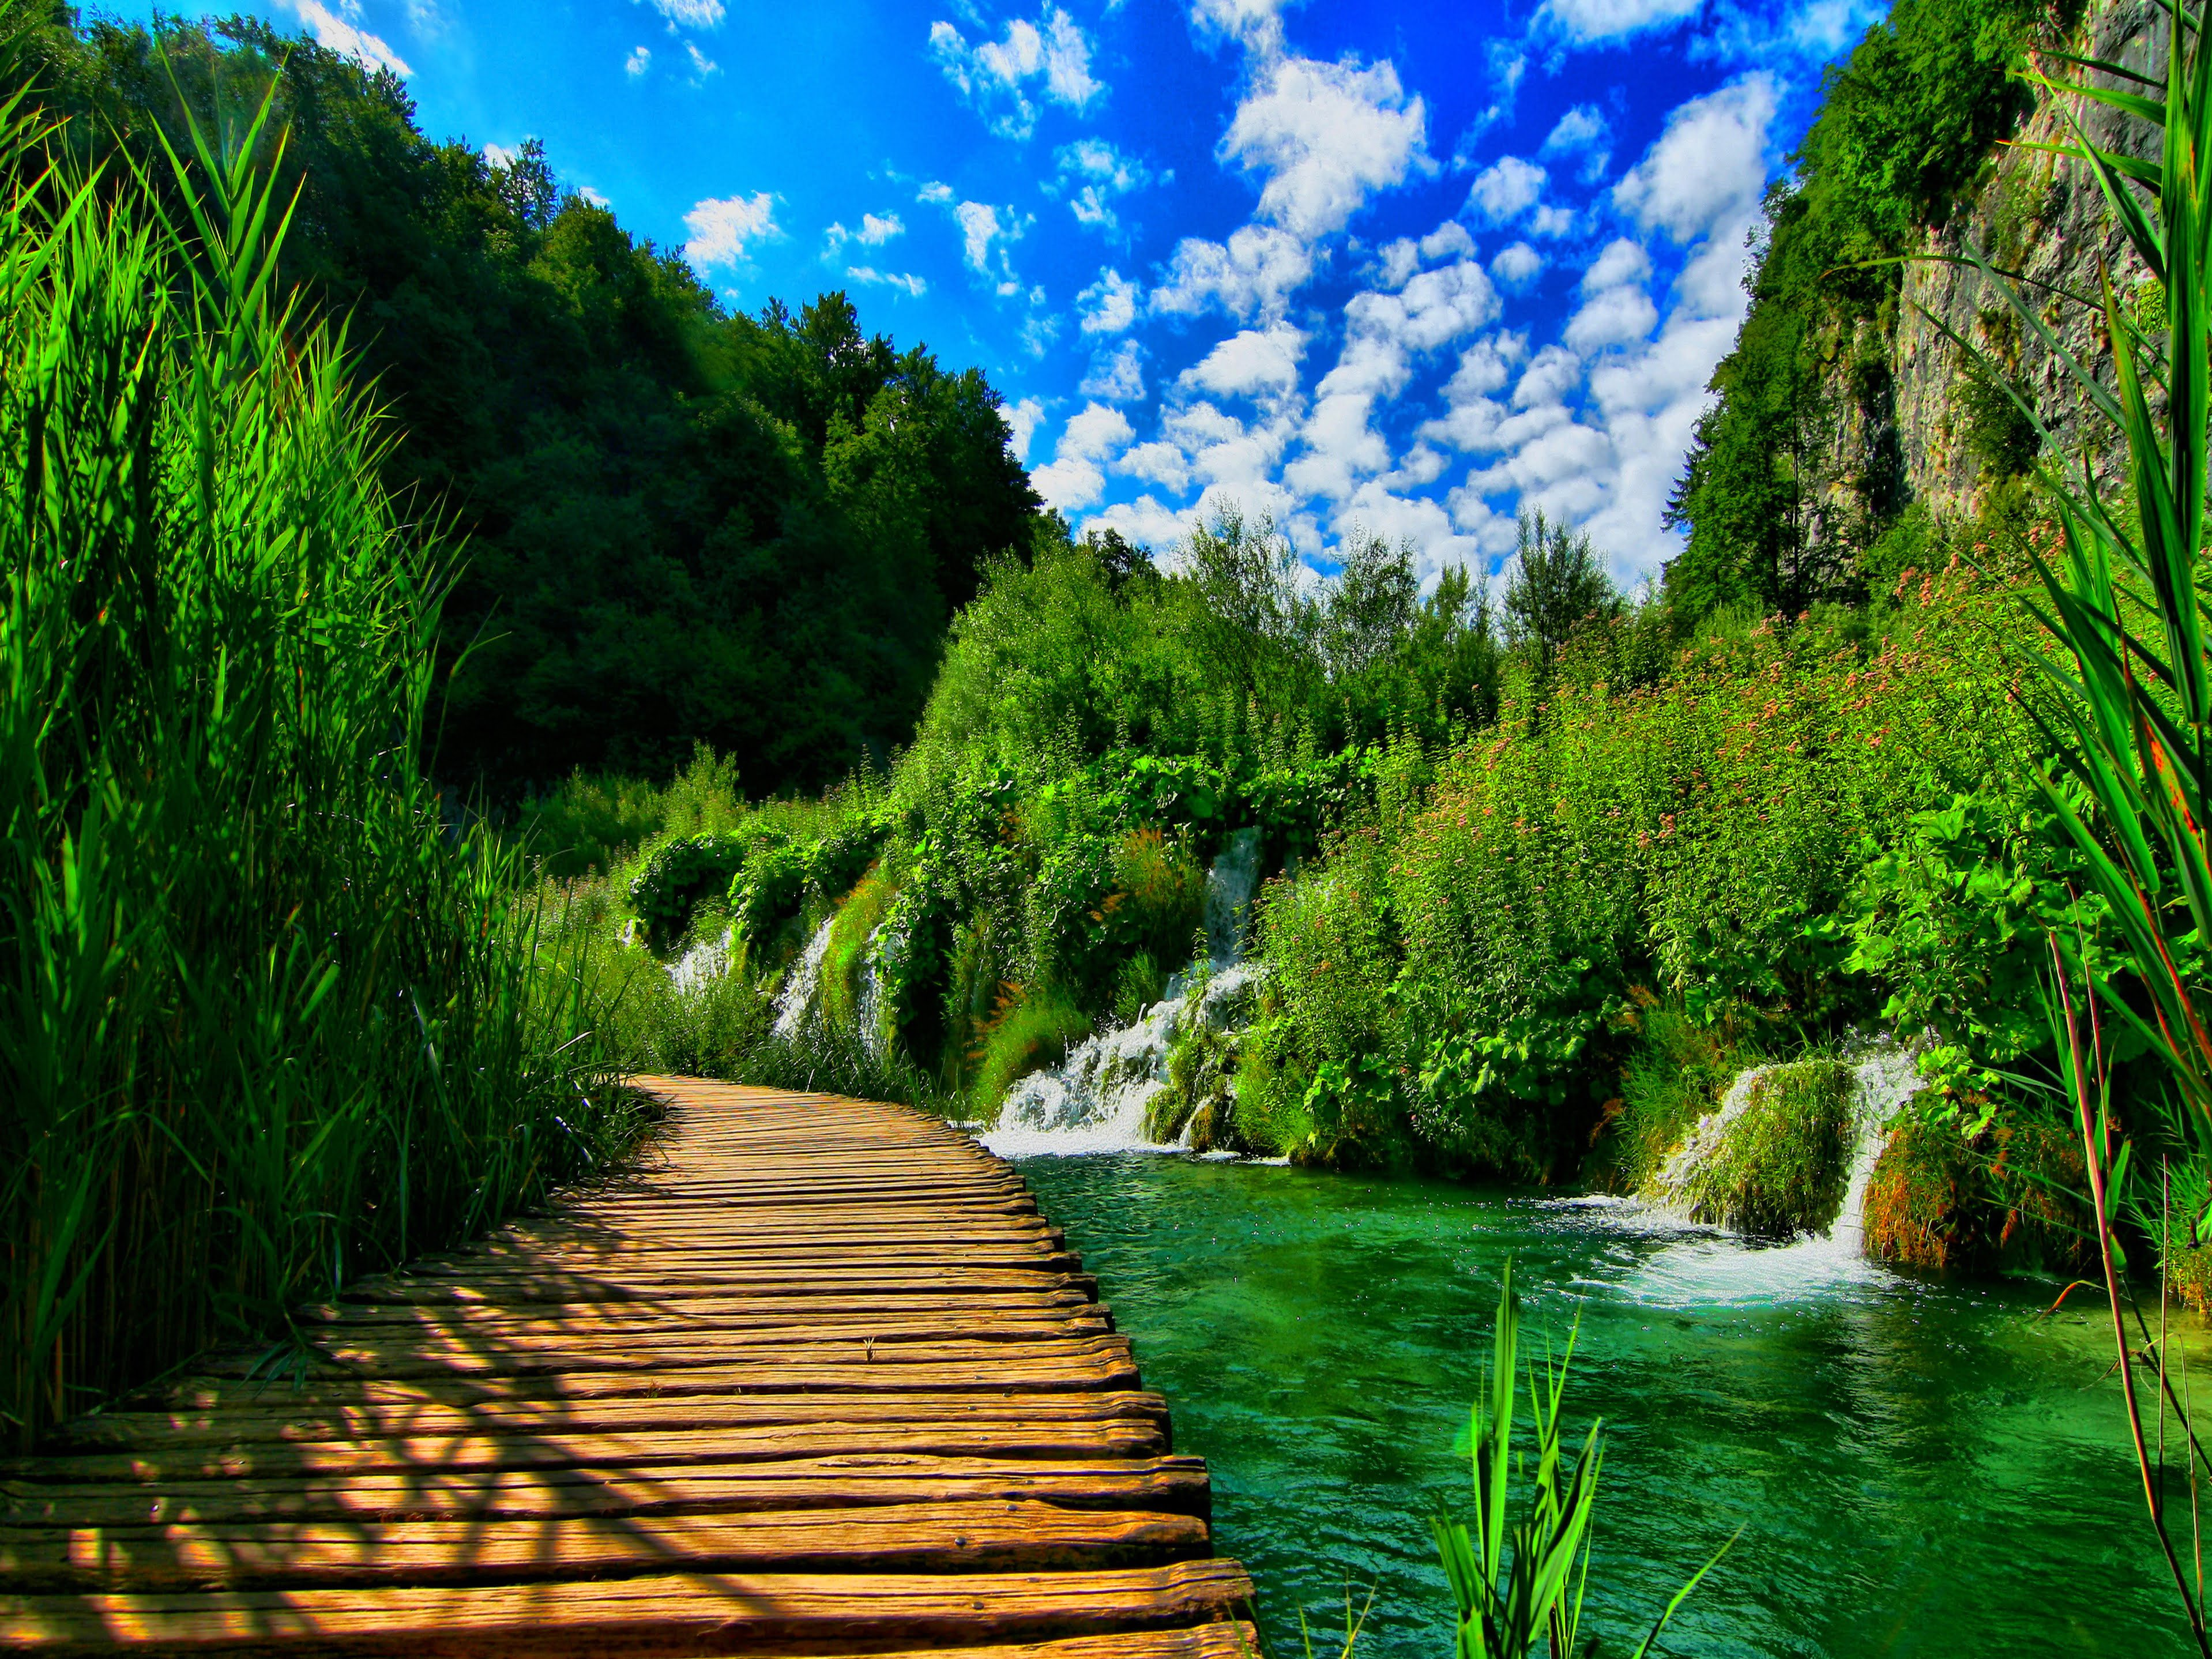 Bức tranh thiên nhiên hài hòa giữa mây trời, núi cây và sống nước